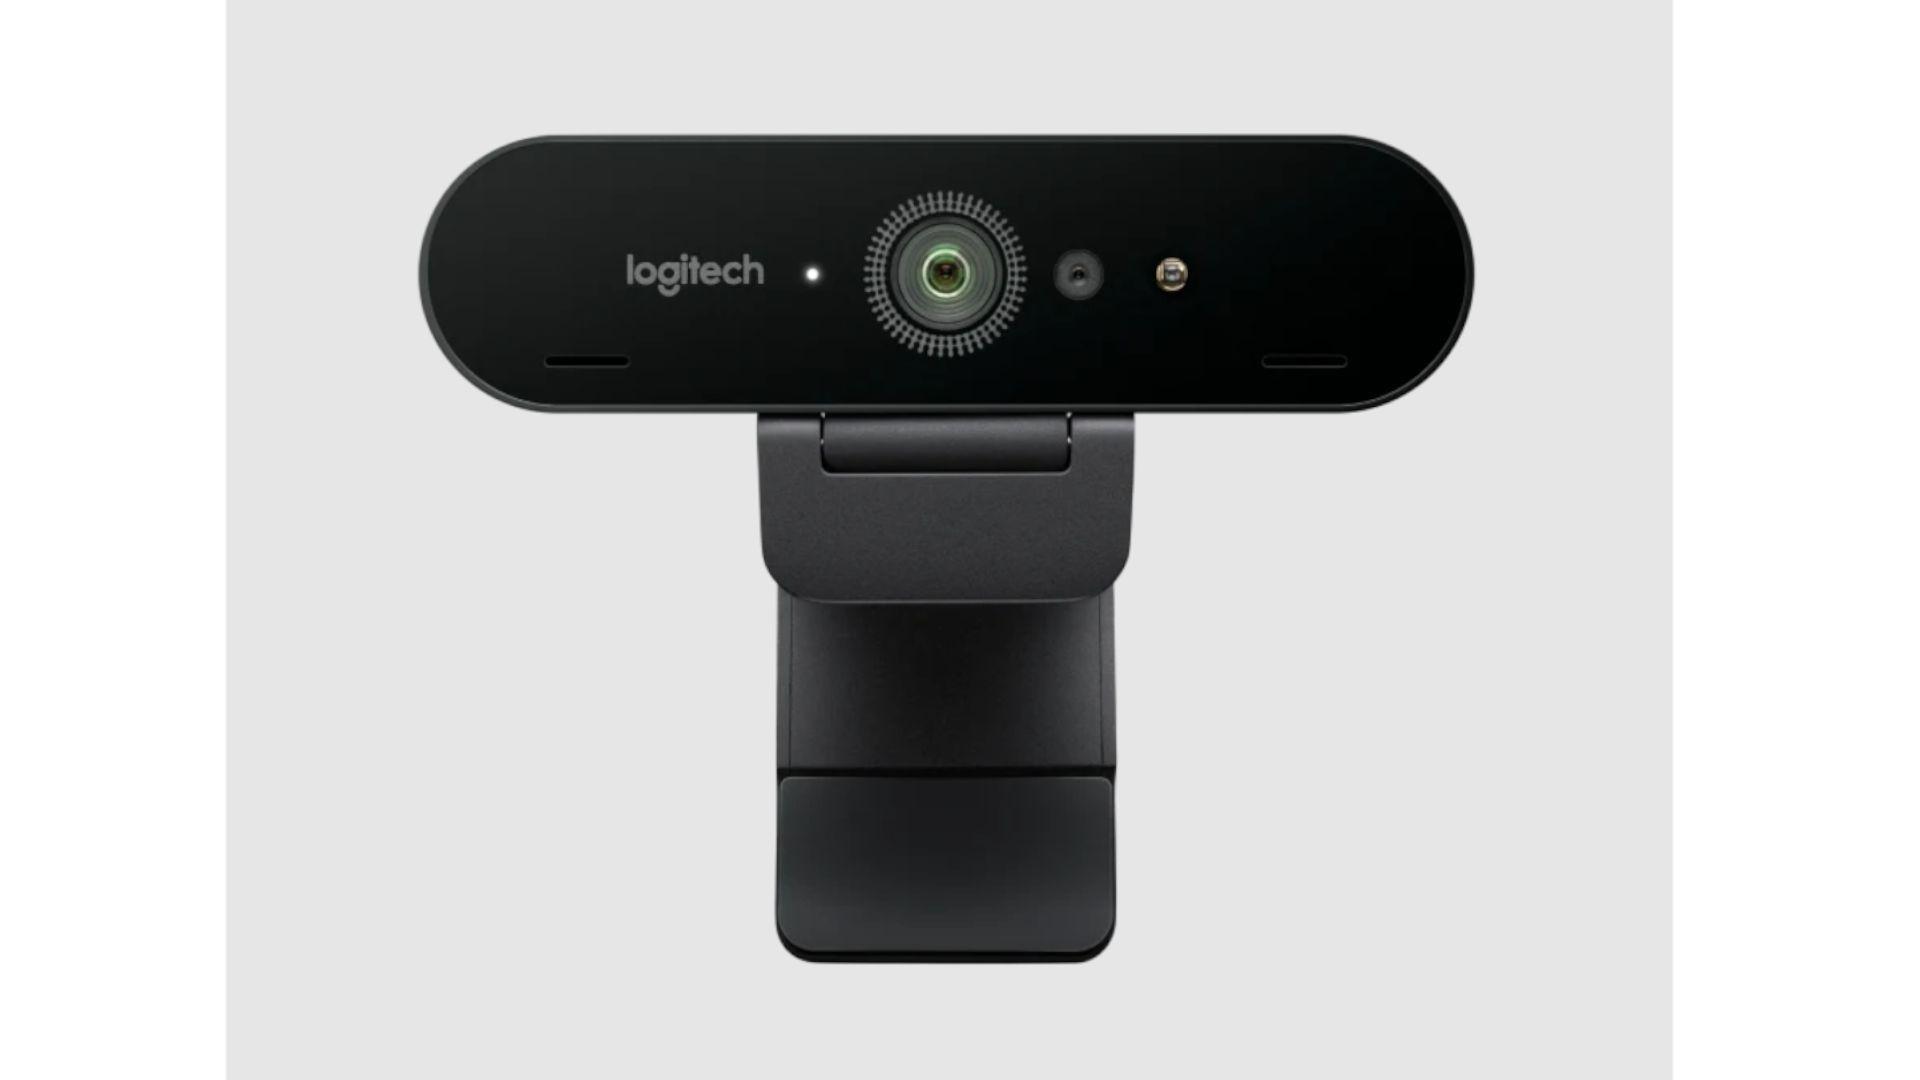 WebCam Logitech Brio 4K exibida frontalmente